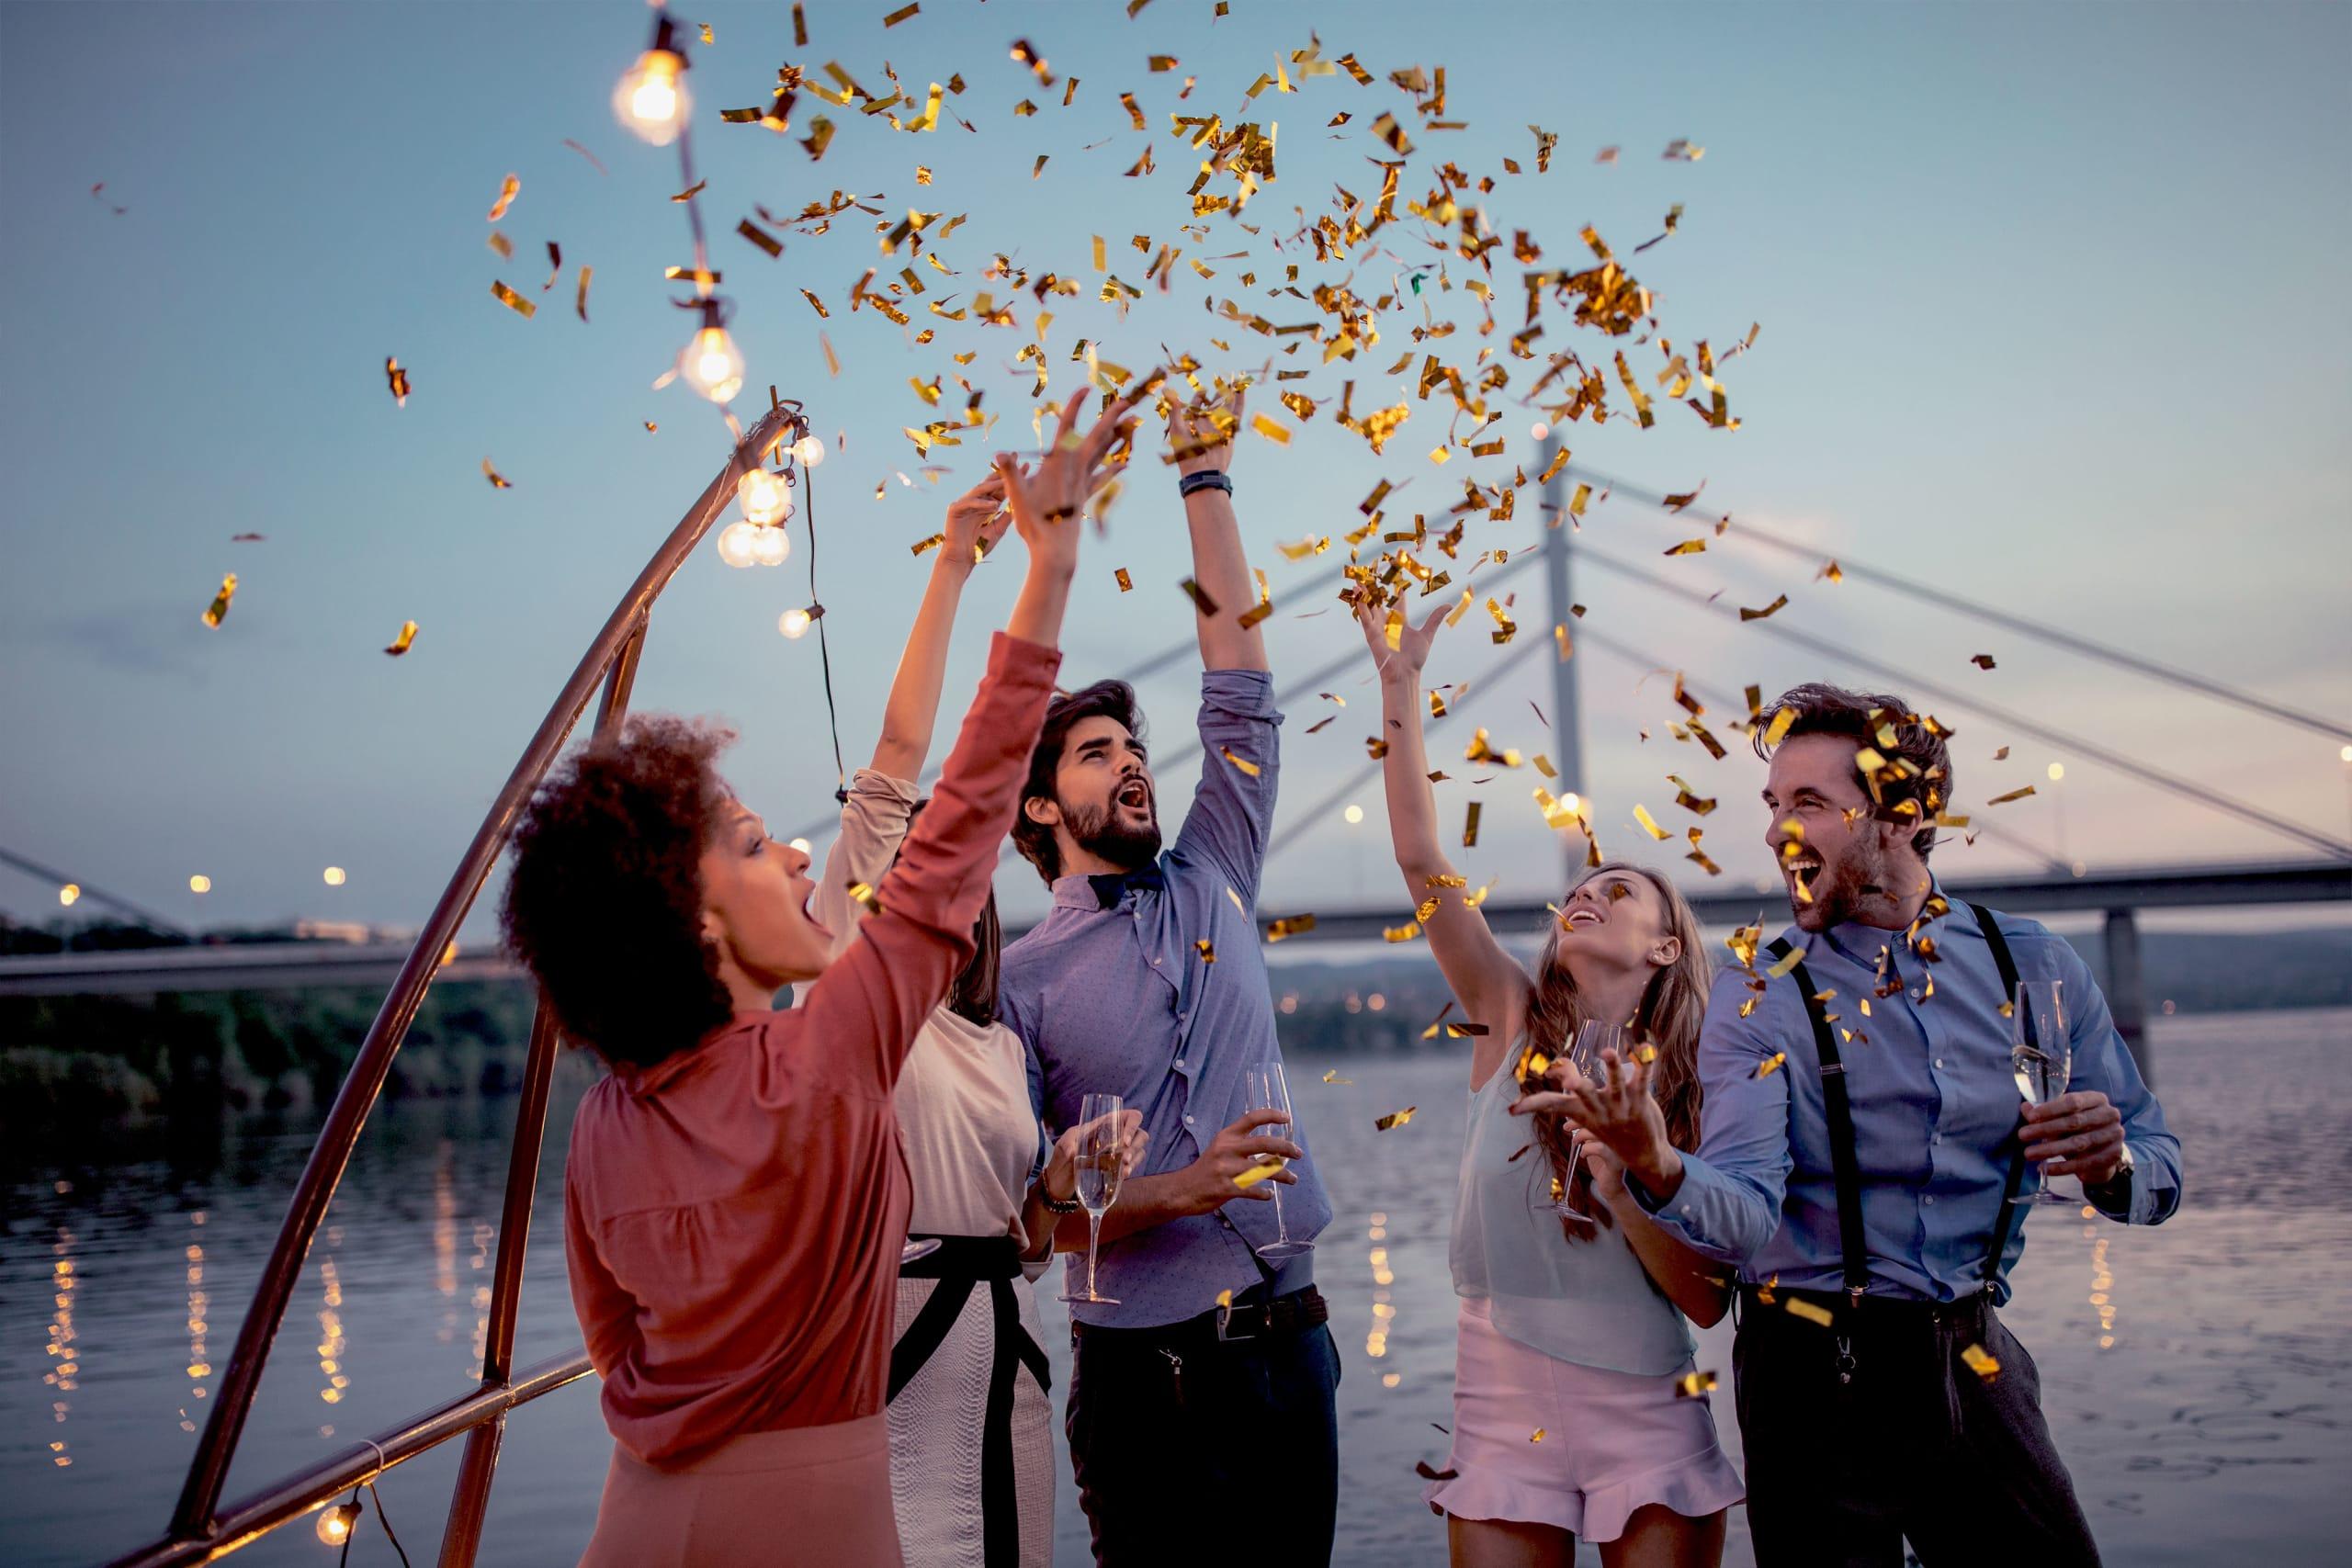 celebrate on a boat